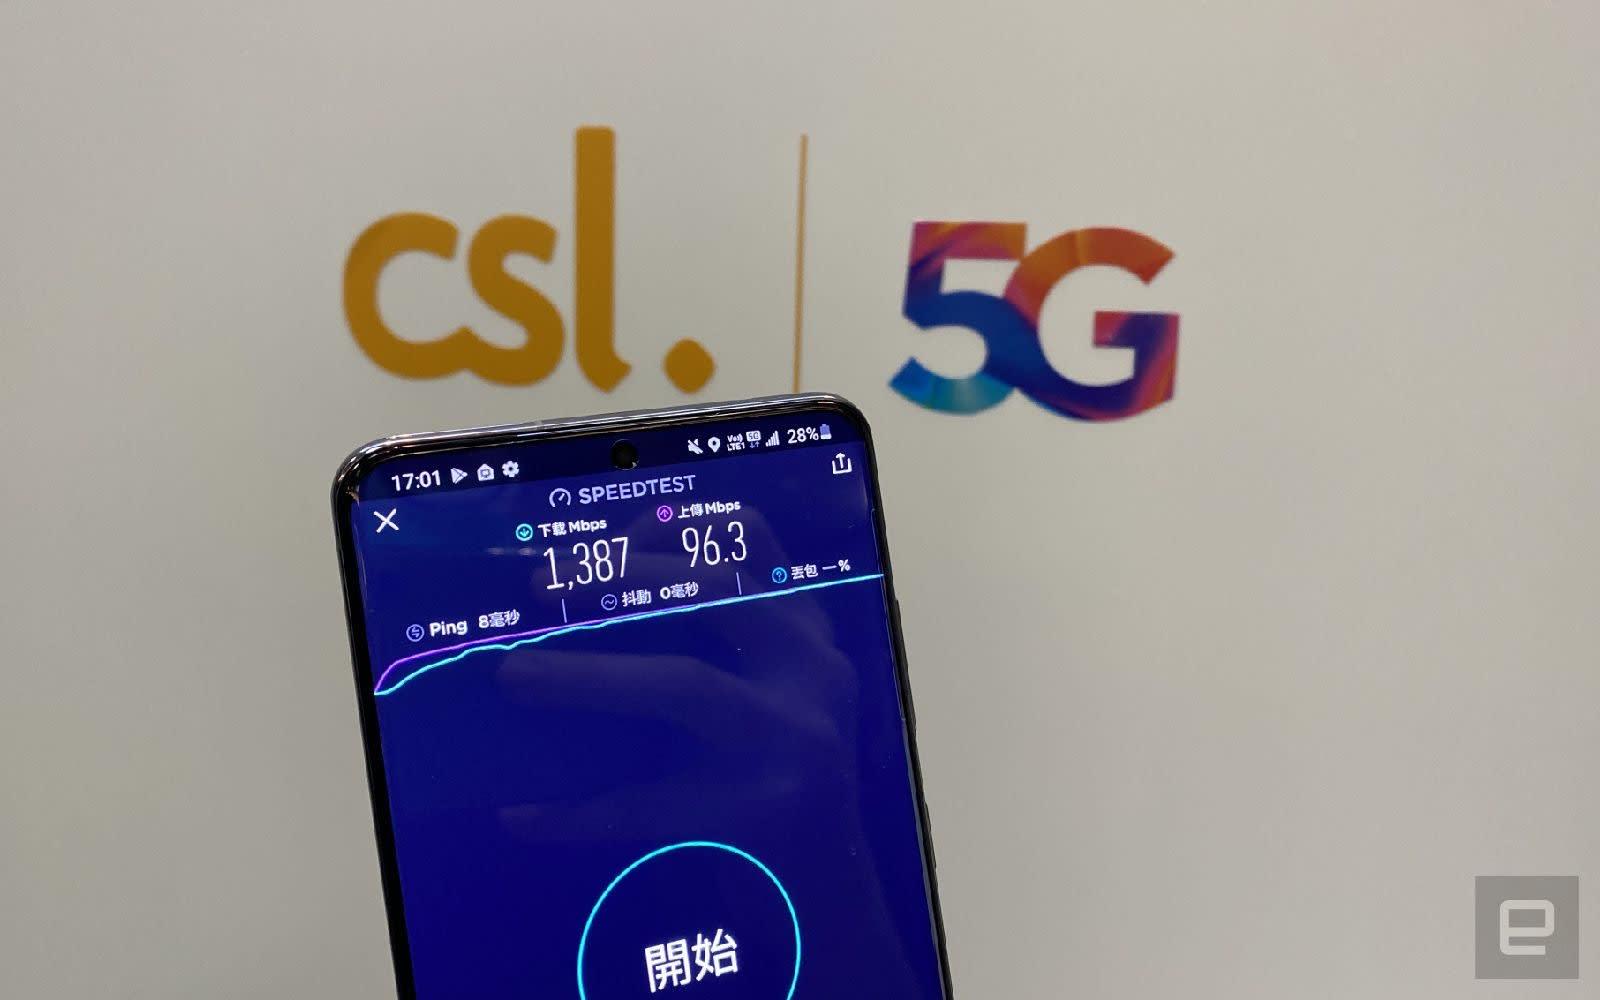 CSL 5G HK